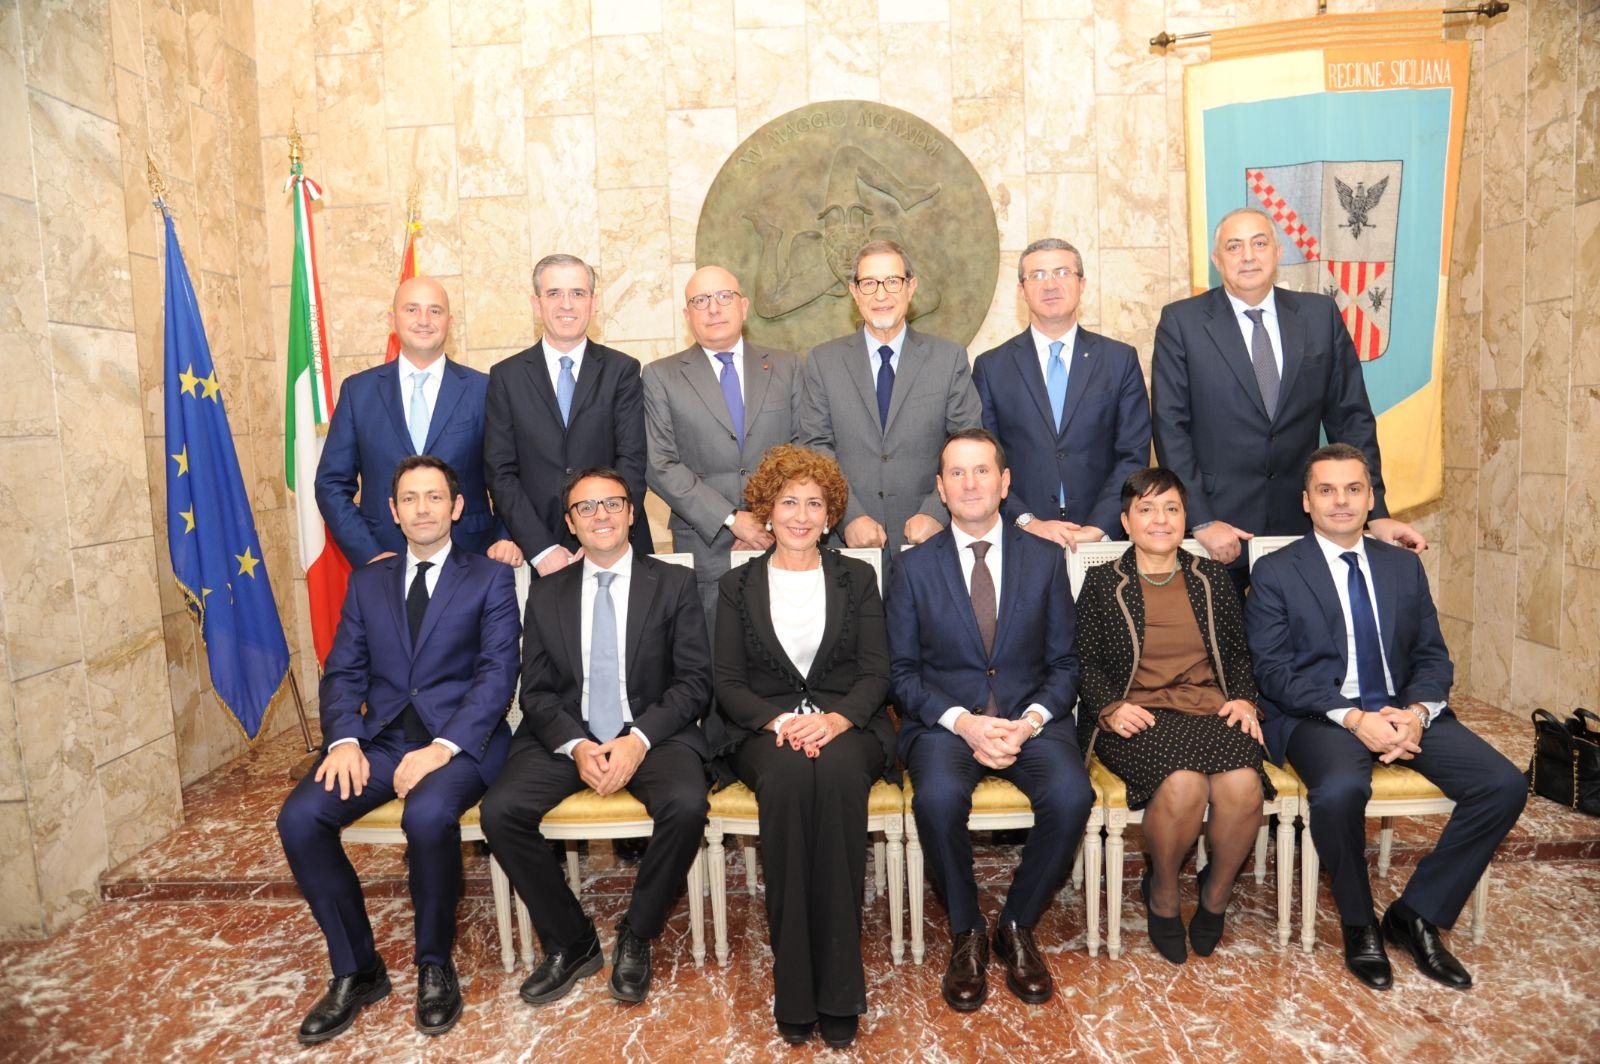 La giunta Musumeci (quasi al completo)